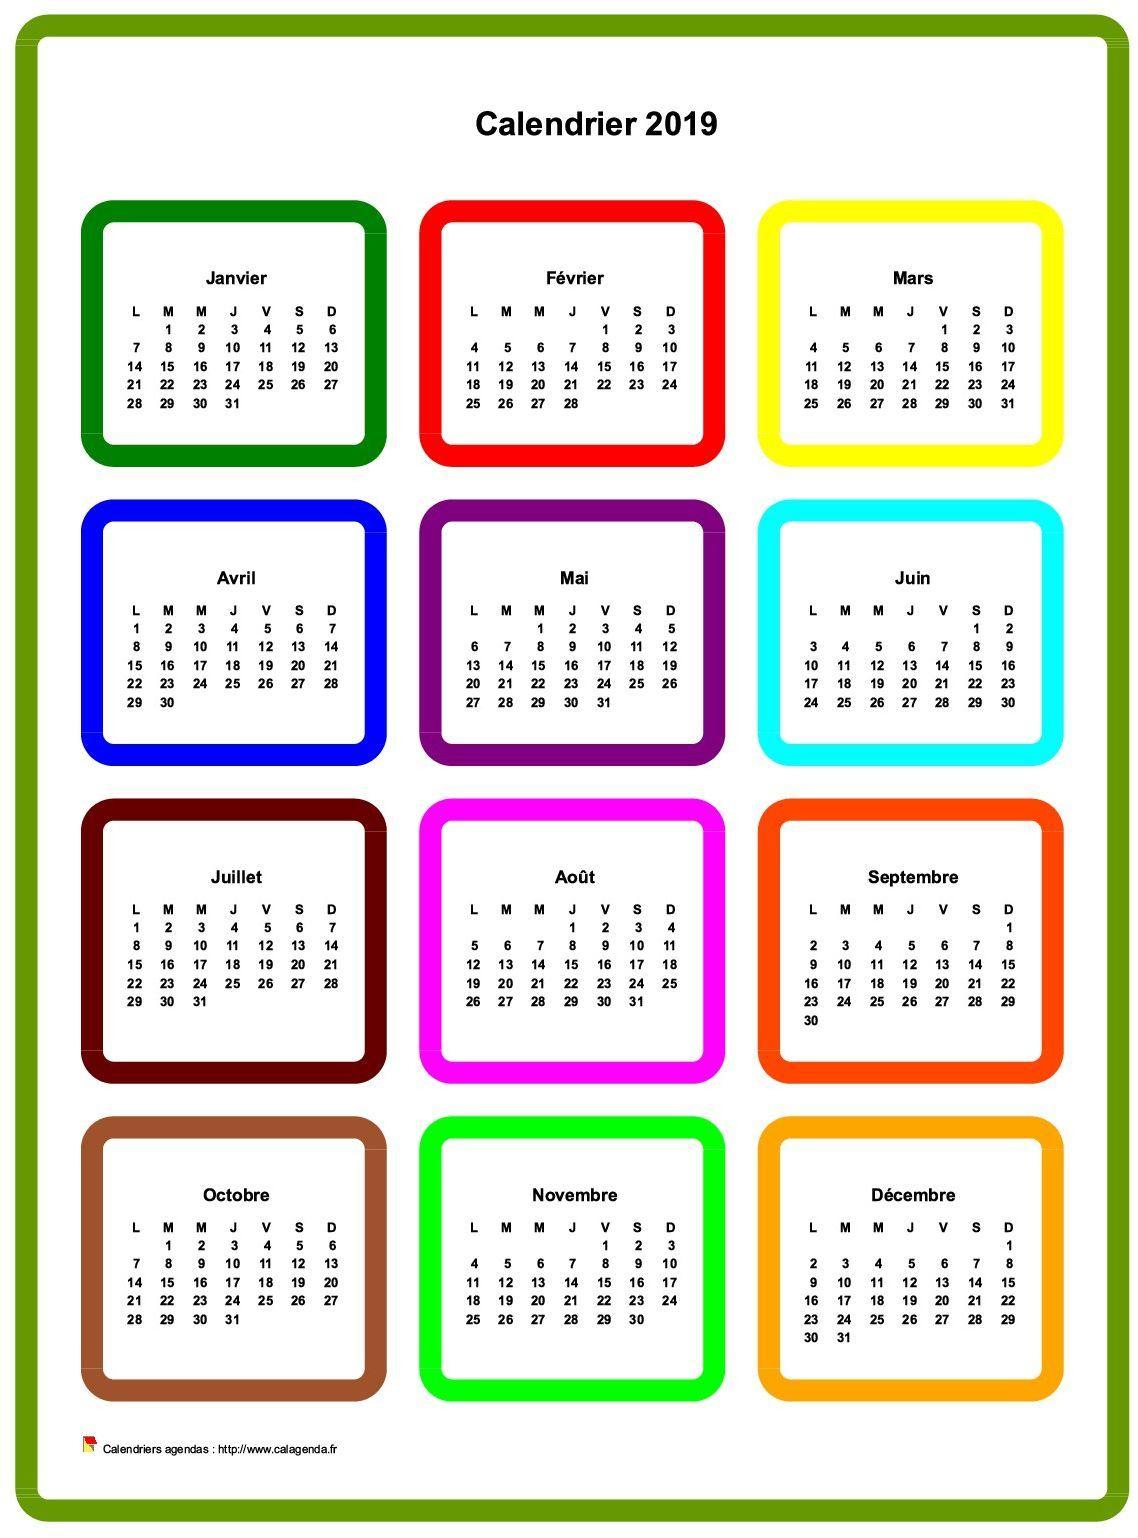 Calendrier 2019 Annuel En Couleurs | Calendrier, Calendrier dedans Calendrier Annuel 2019 À Imprimer Gratuit